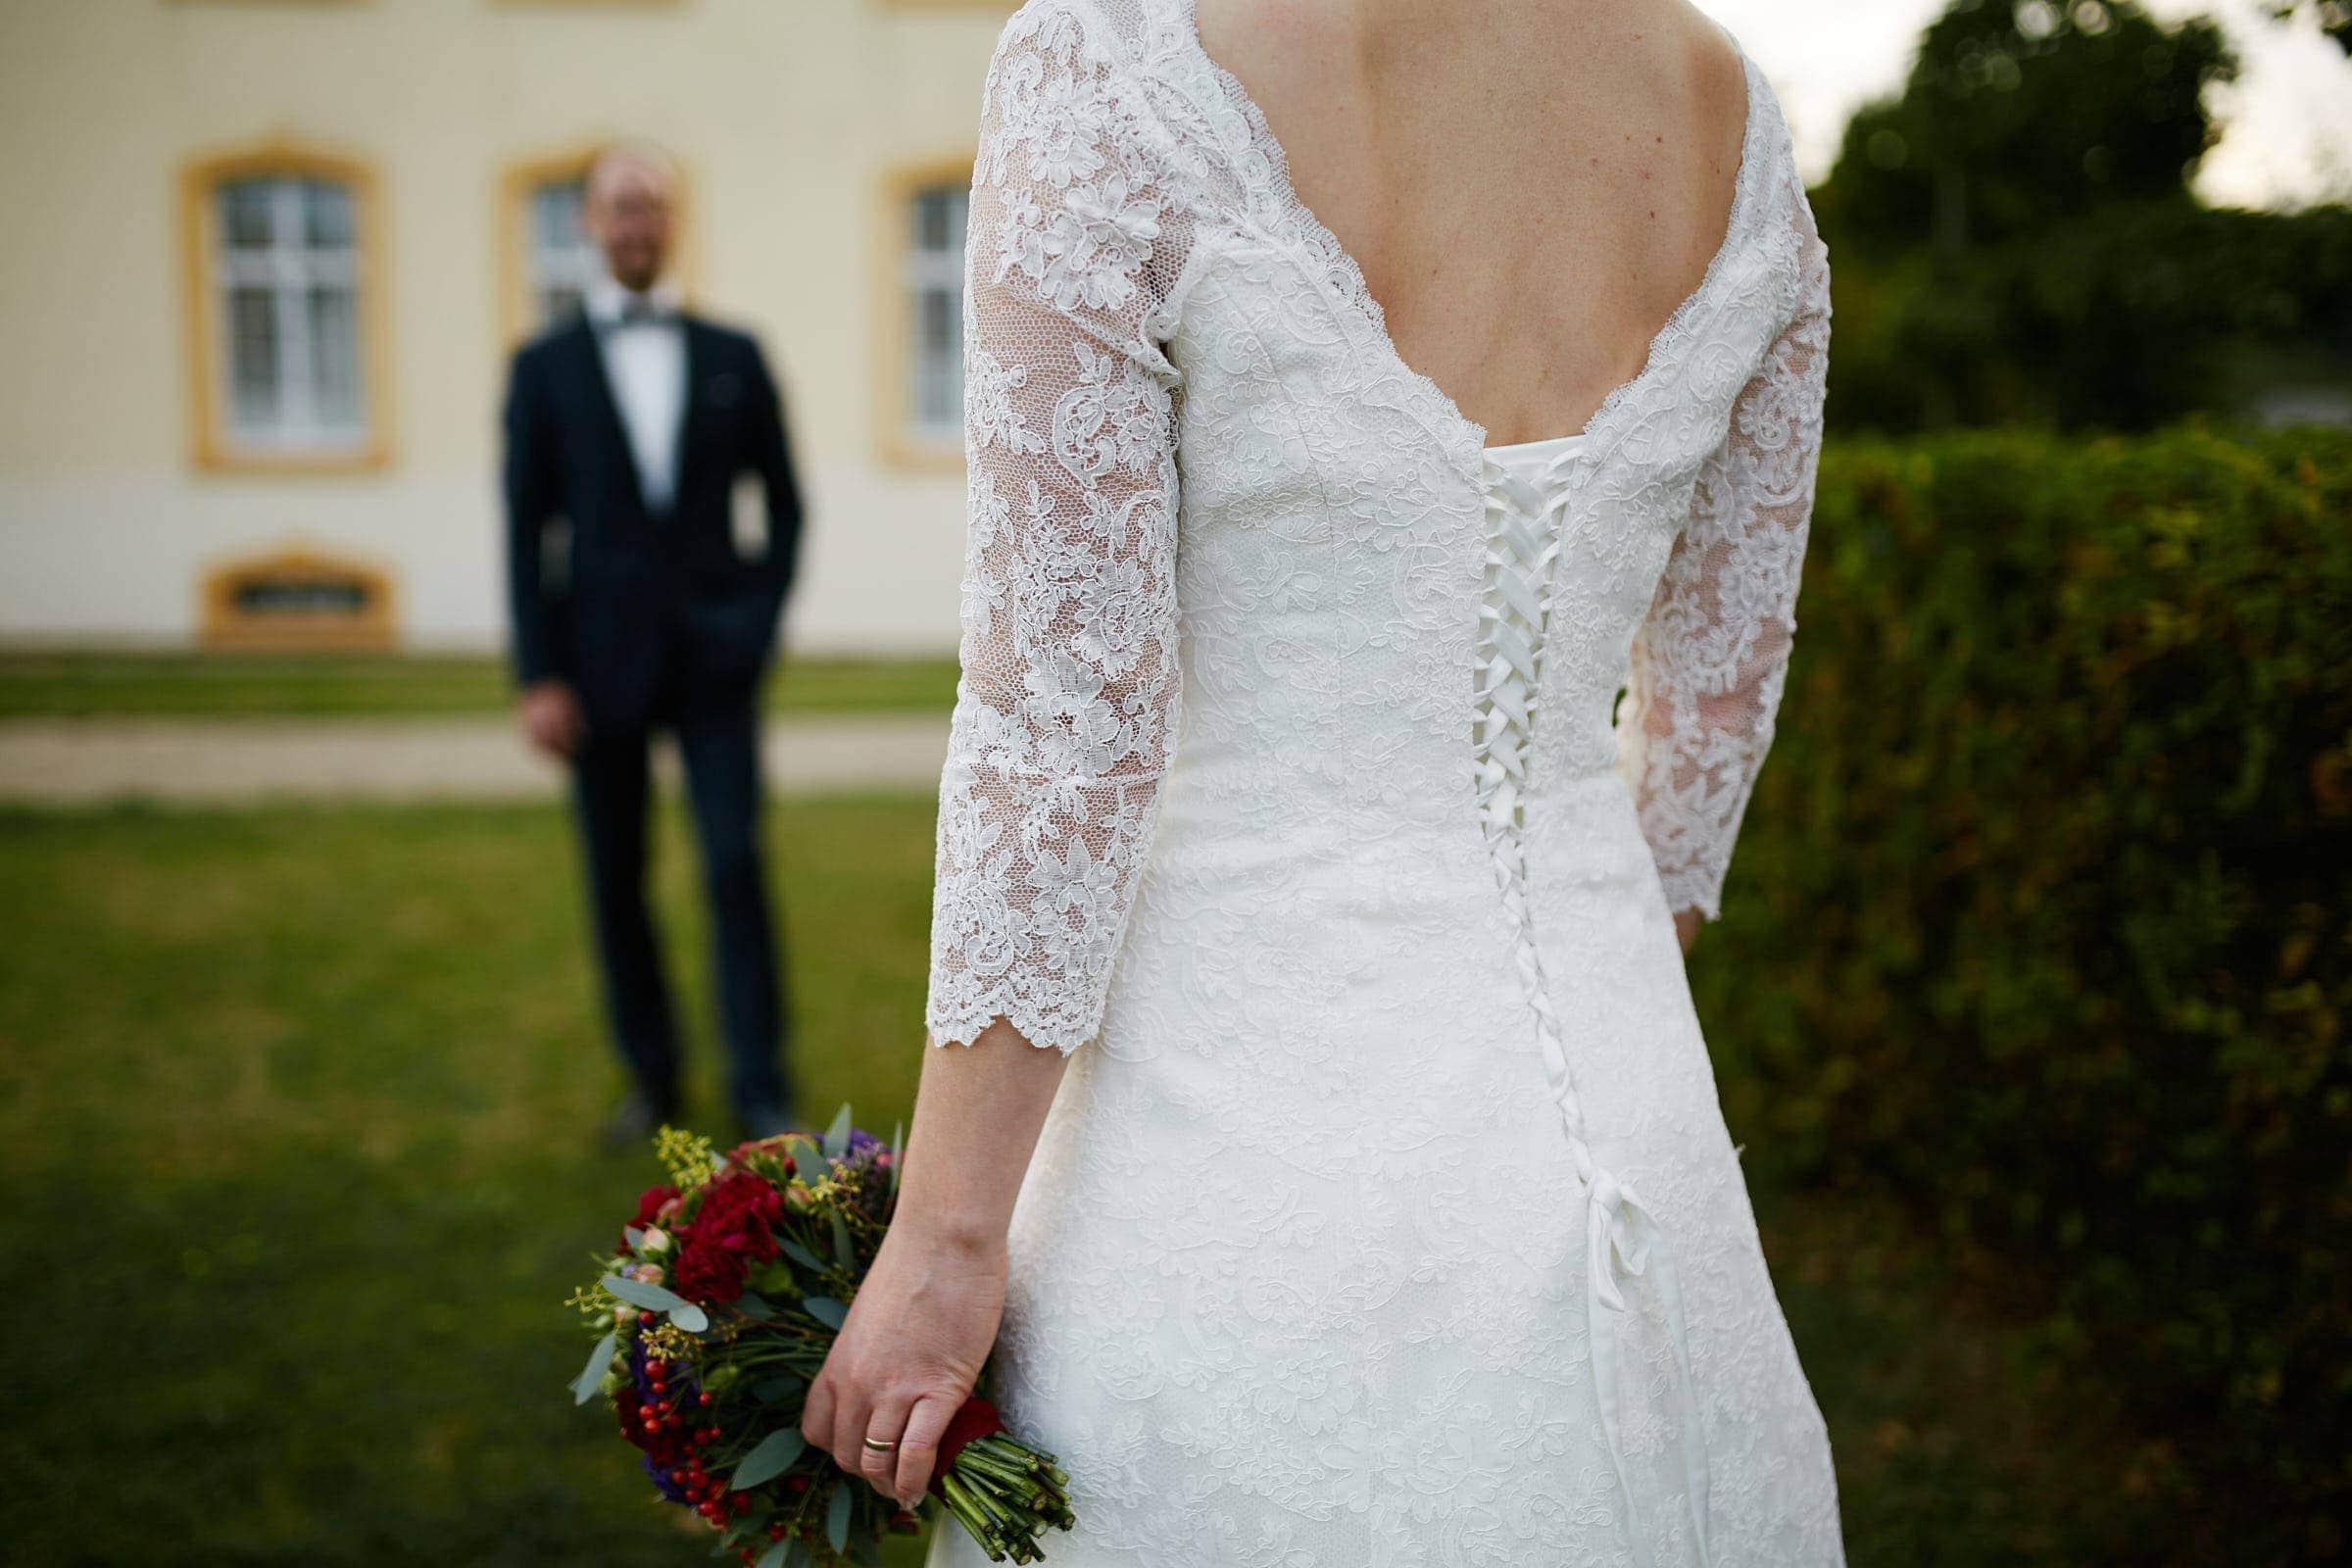 Hochzeitsfotos im Retro Style fotografiert vom Hochzeitsfotografen David Kliewer aus Trier